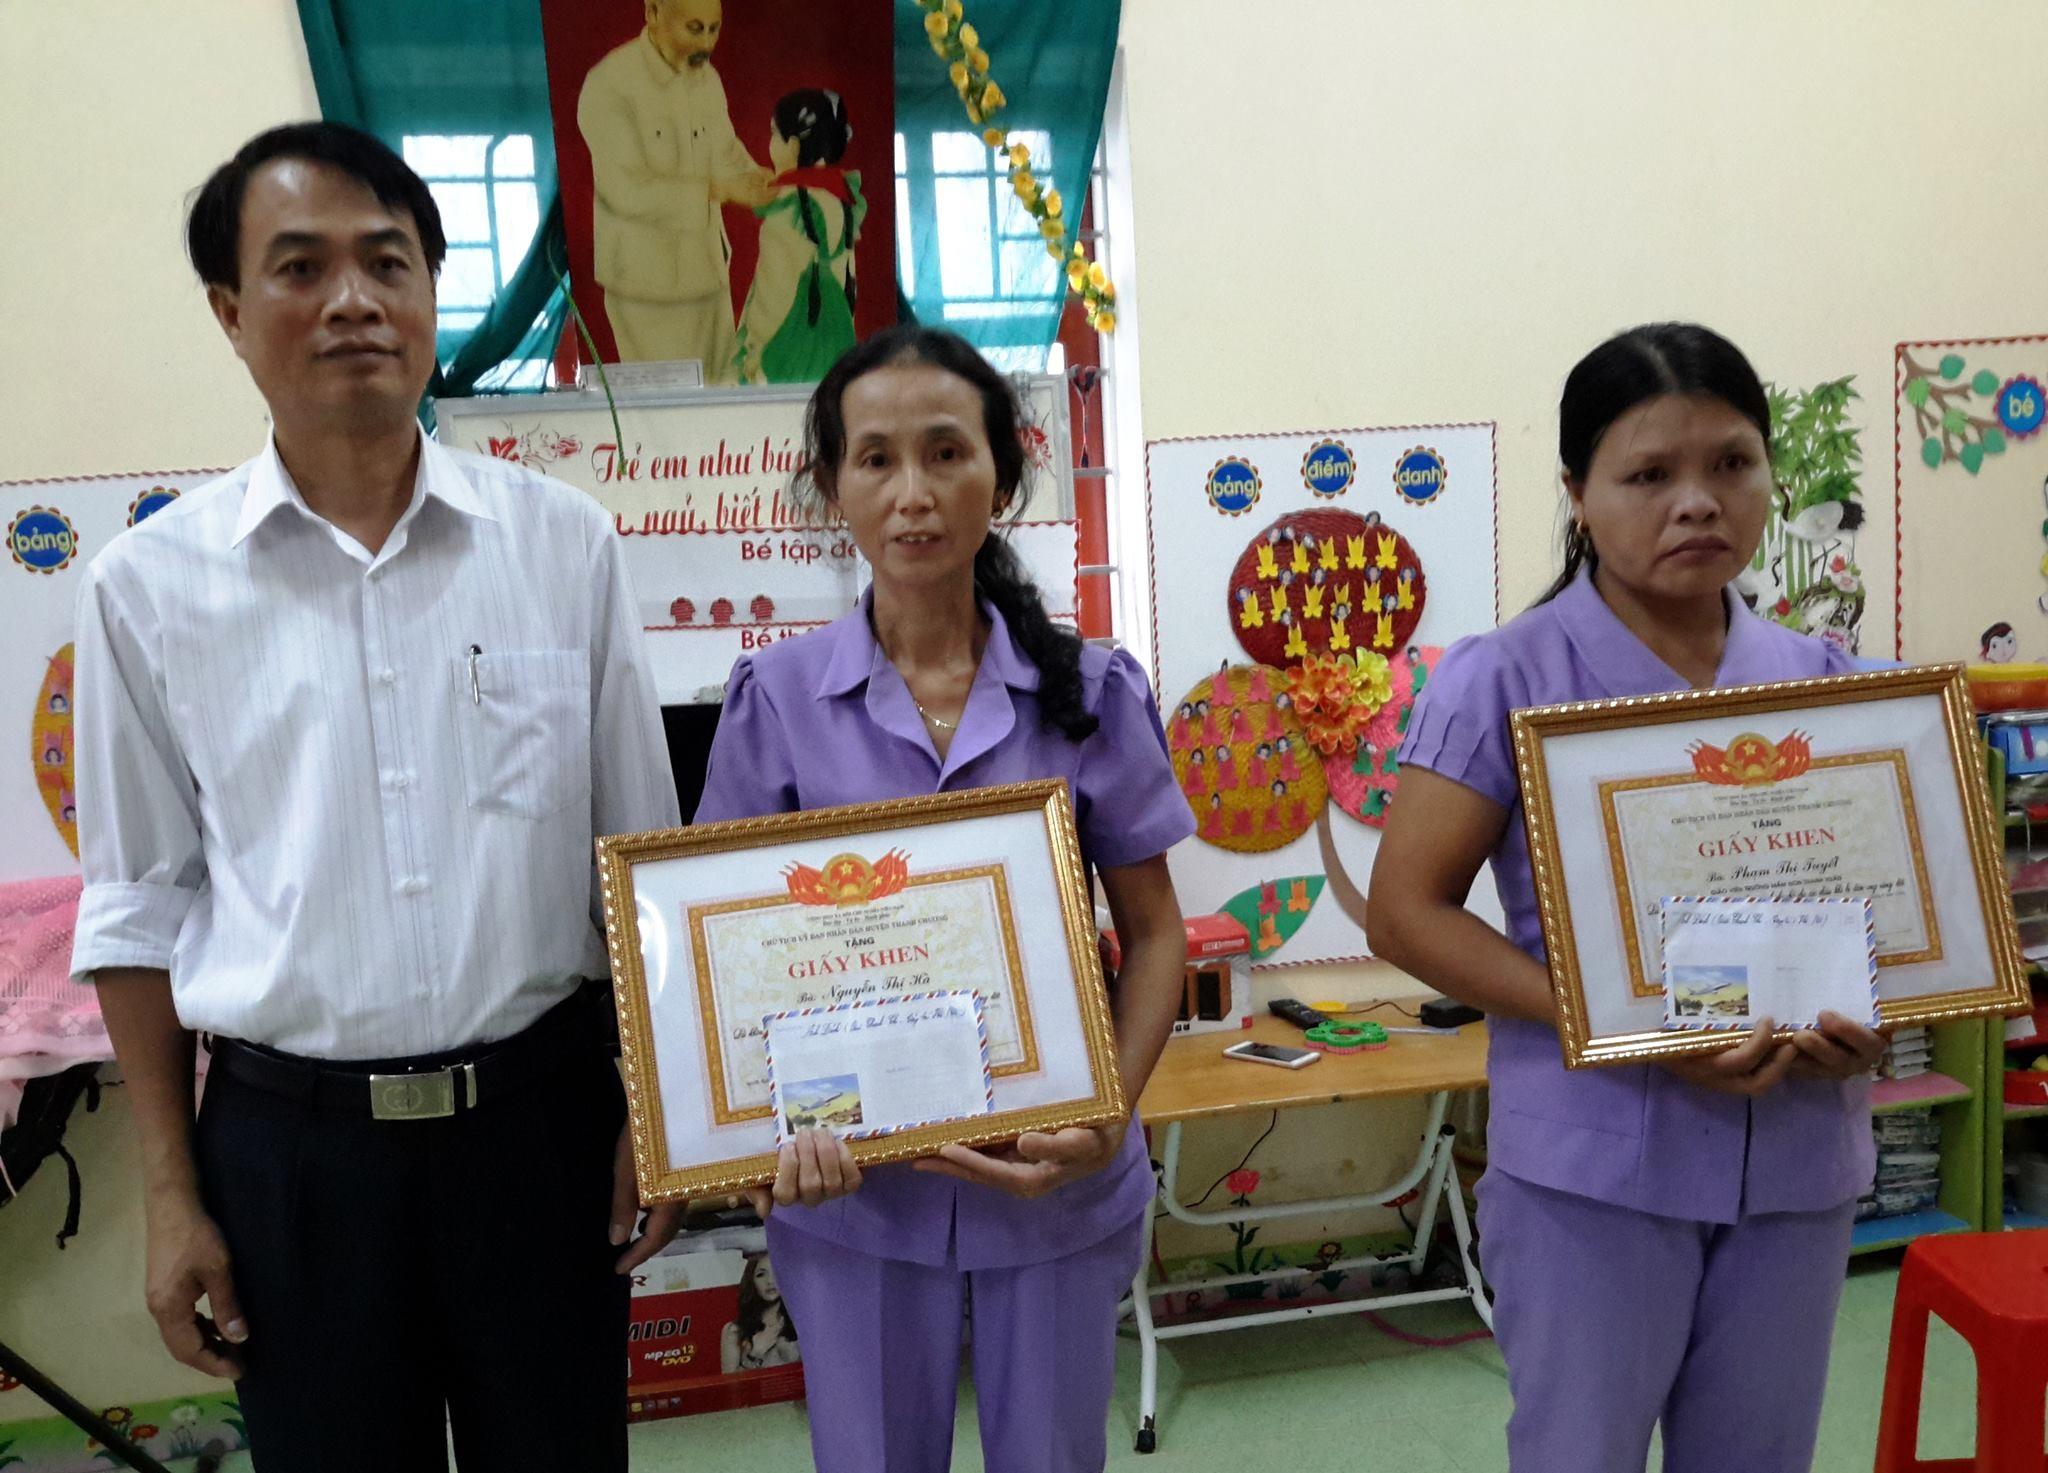 Thay mặt lãnh đạo huyện, ông Đặng Văn Hóa - Trưởng phòng GD huyện Thanh Chương trao Giấy khen cùng tiền thưởng cho 2 cô giáo mầm non xã Thanh Xuân.